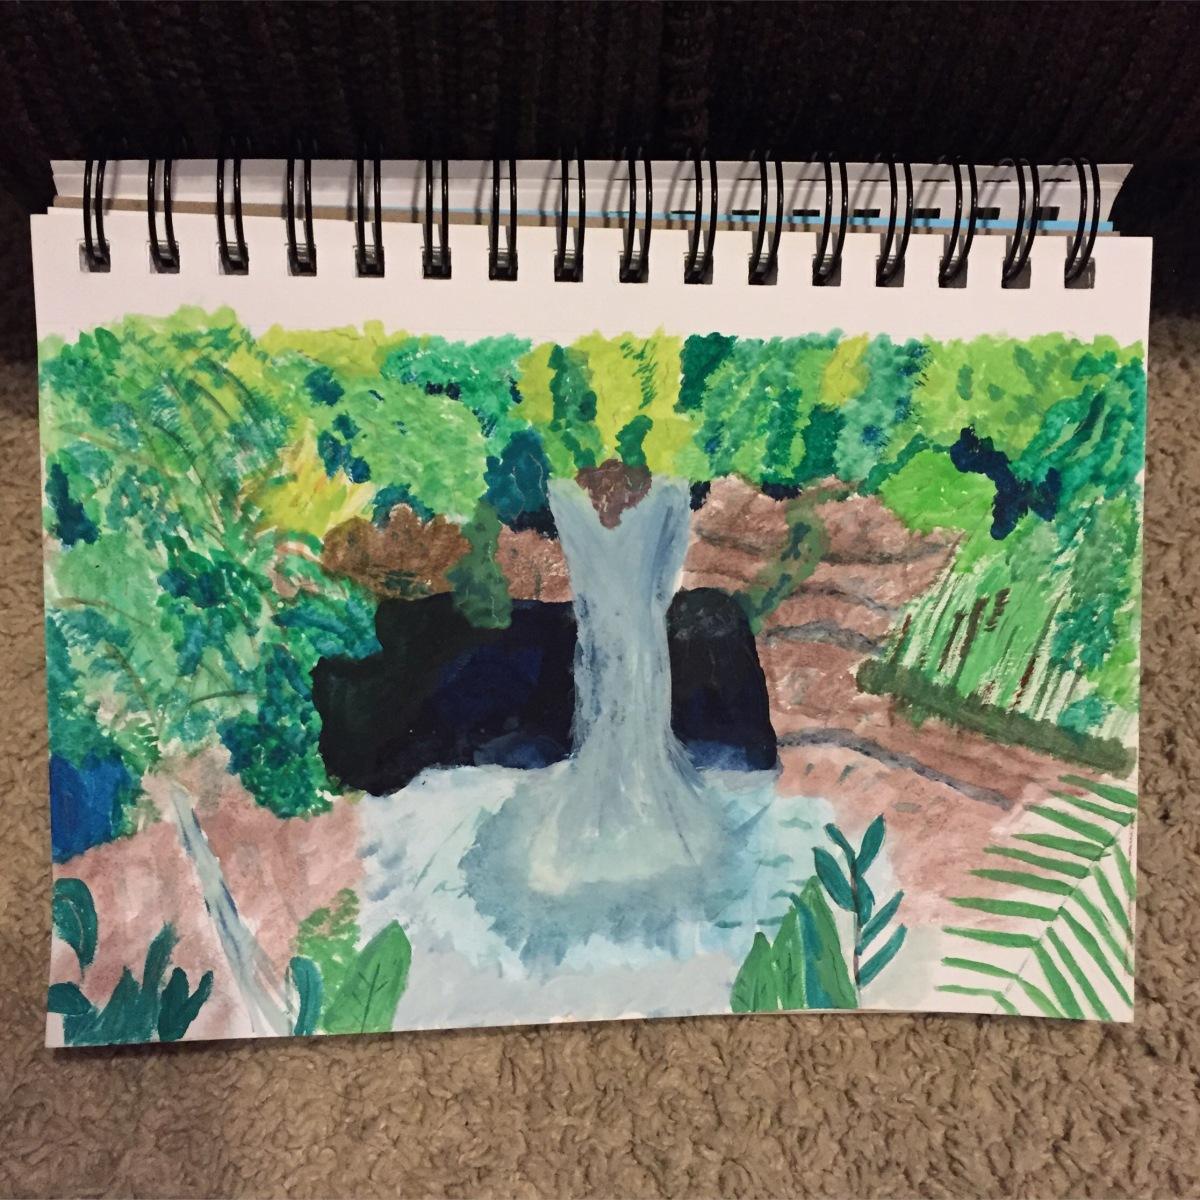 Foliage of the Falls